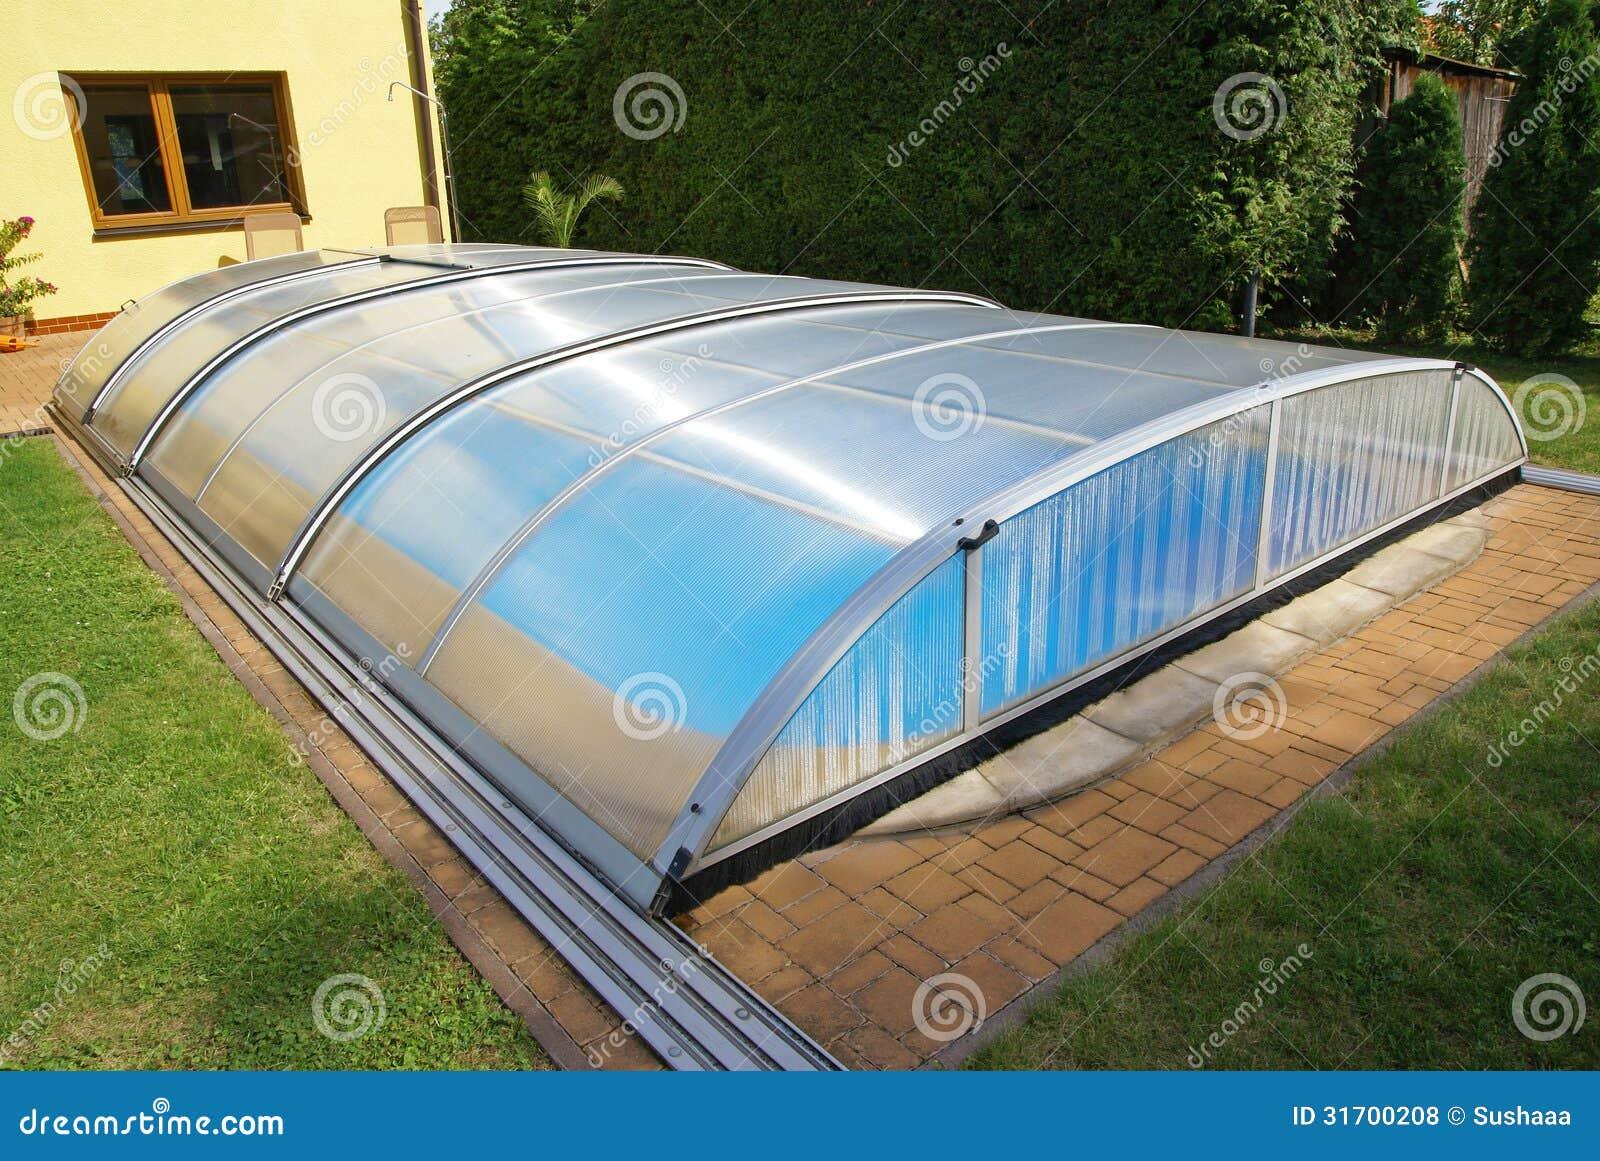 Zwembad tuin dak schuilplaats royalty vrije stock foto 39 s afbeelding 31700208 - Terras schuilplaats ...